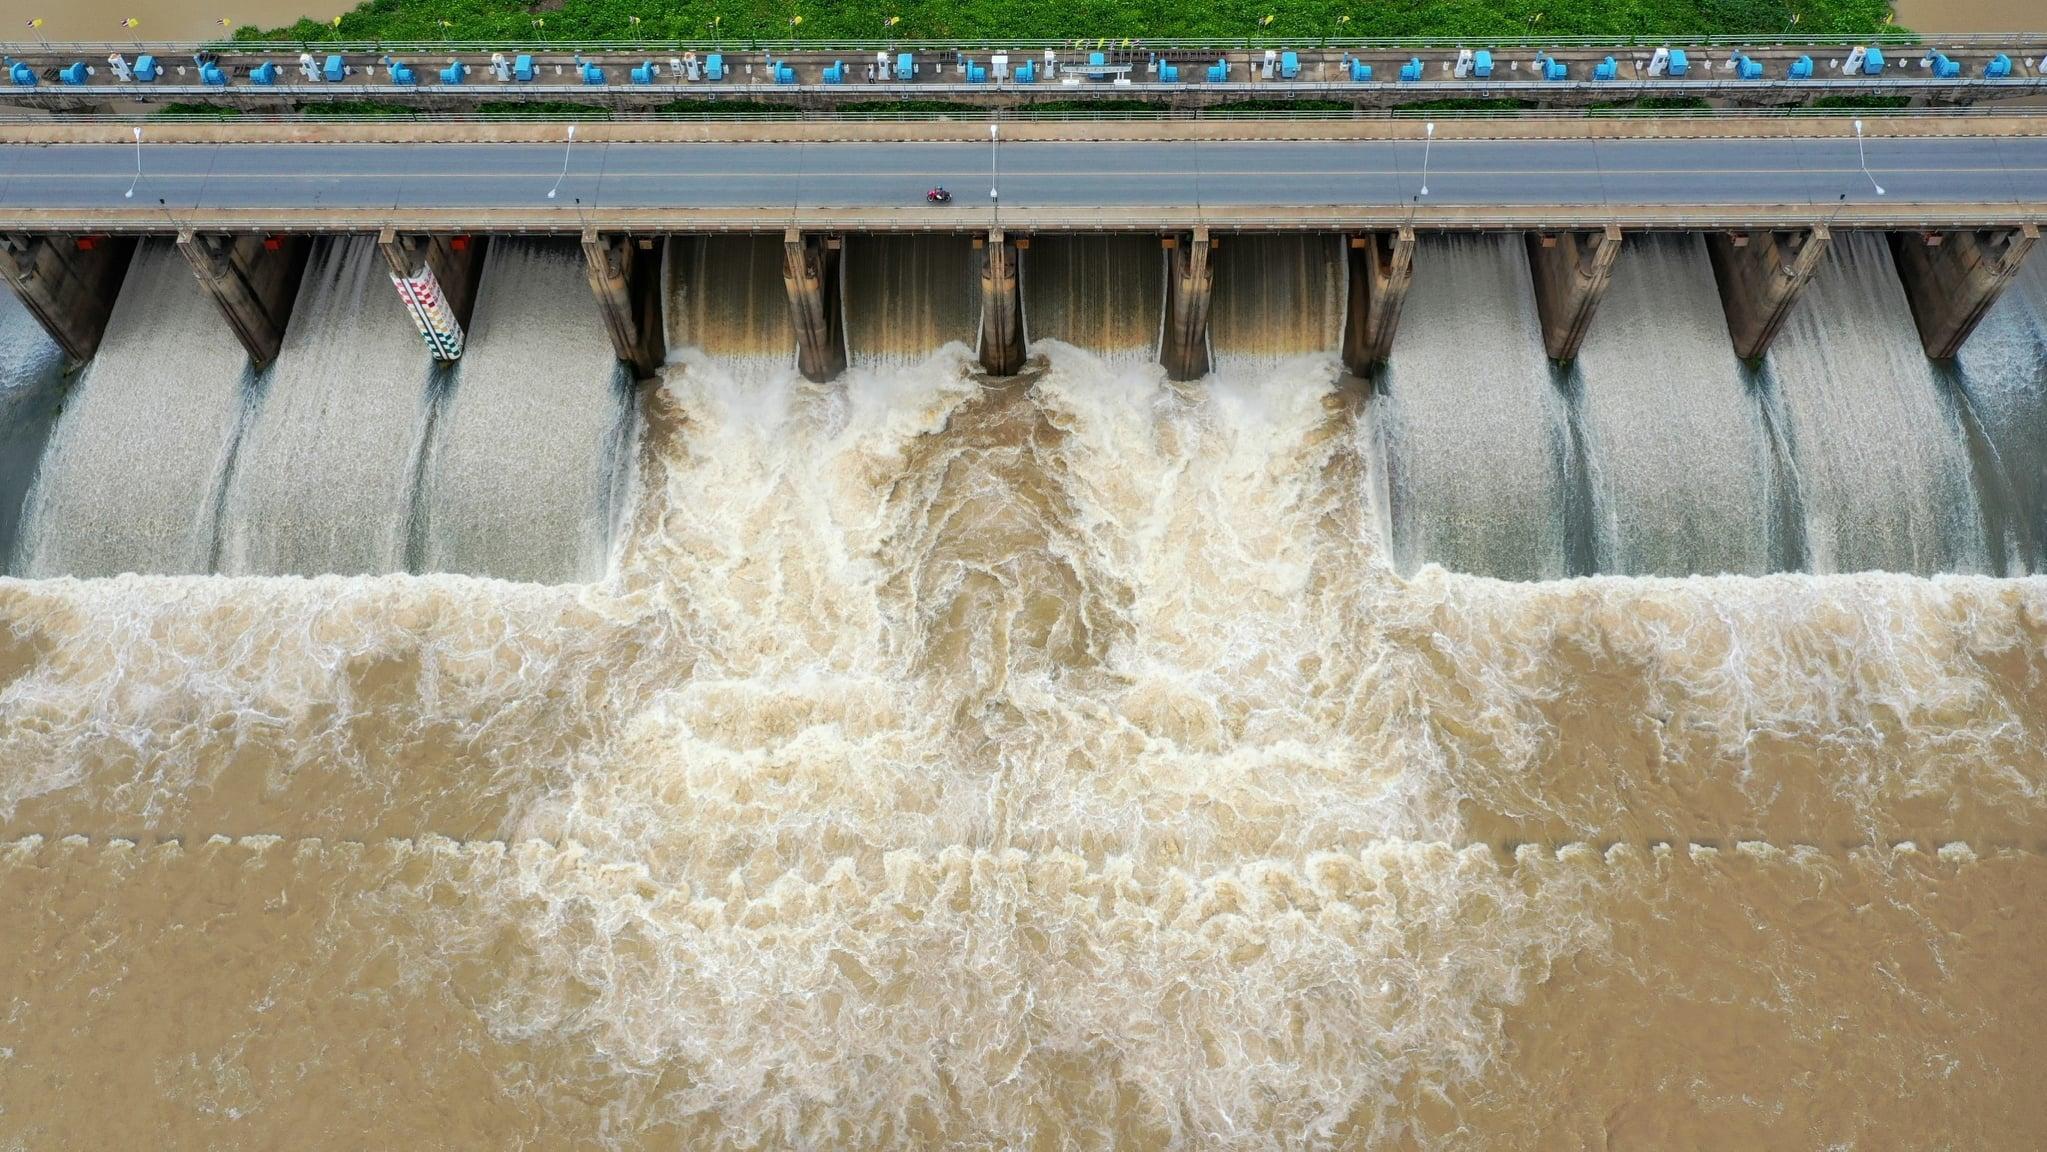 กรมชลประทาน น้ำท่วม สถานการณ์น้ำท่วม เขื่อนเจ้าพระยา